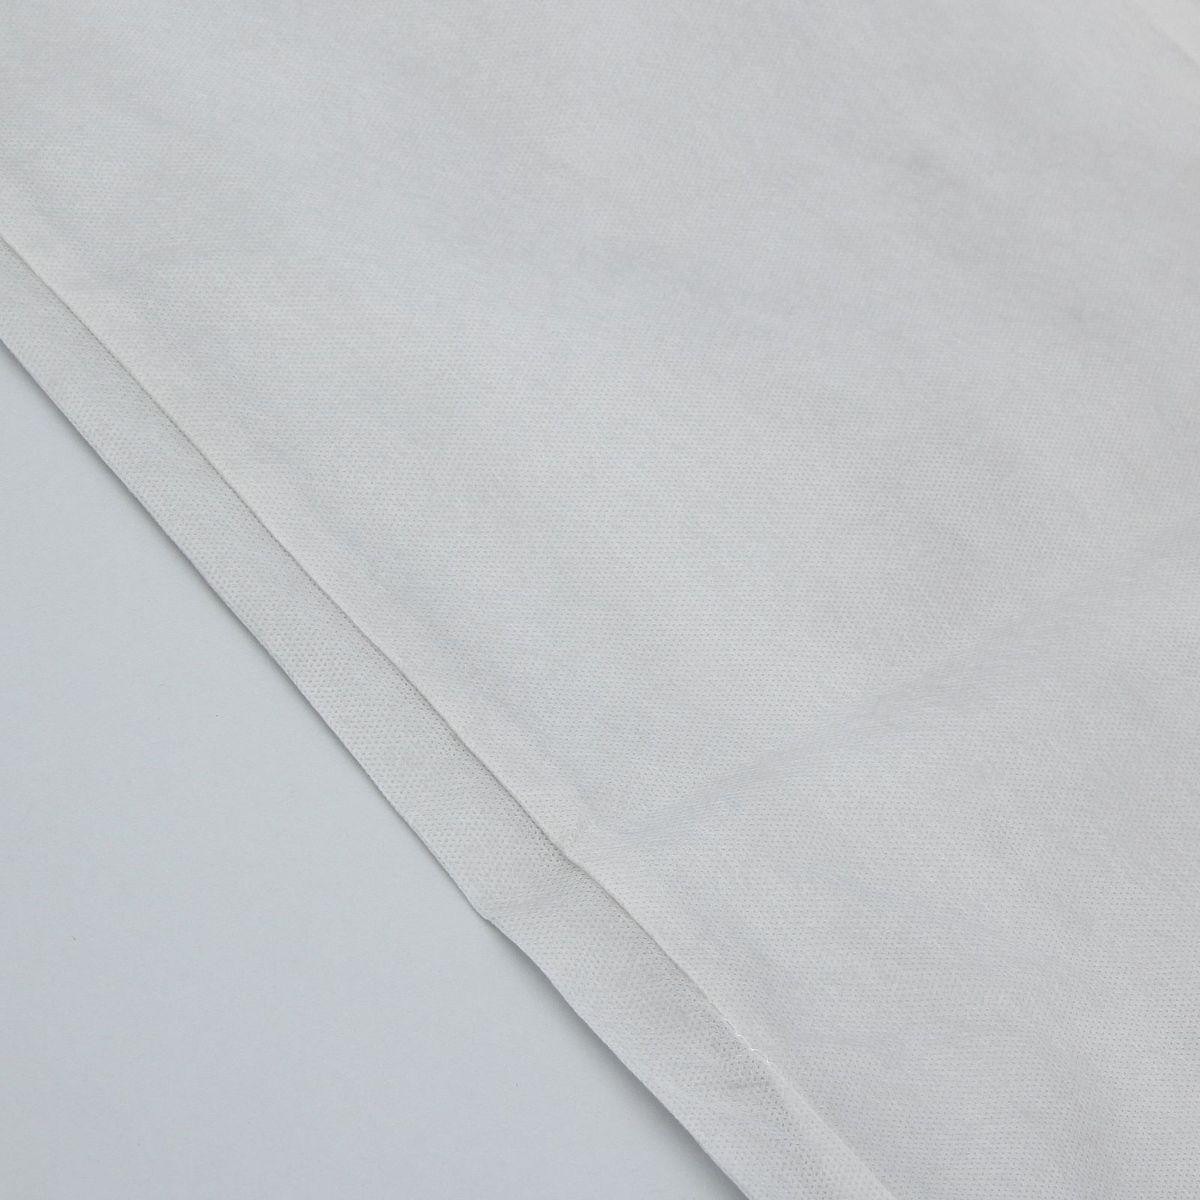 Материал укрывной NeoSpan, 2 х 0,5 м1686592Садовый чехол — отличный способ защиты растений в холодное время года. Изделие поможет сберечь плодовые деревья, цветочные и ягодные кусты в период низких температур. Достоинства изделия Способствует сохранению тепла. Защищает от порывов ветра. Служит долгие годы. Для наибольшей эффективности закрепляйте края чехла камнями, насыпями песка или земли.